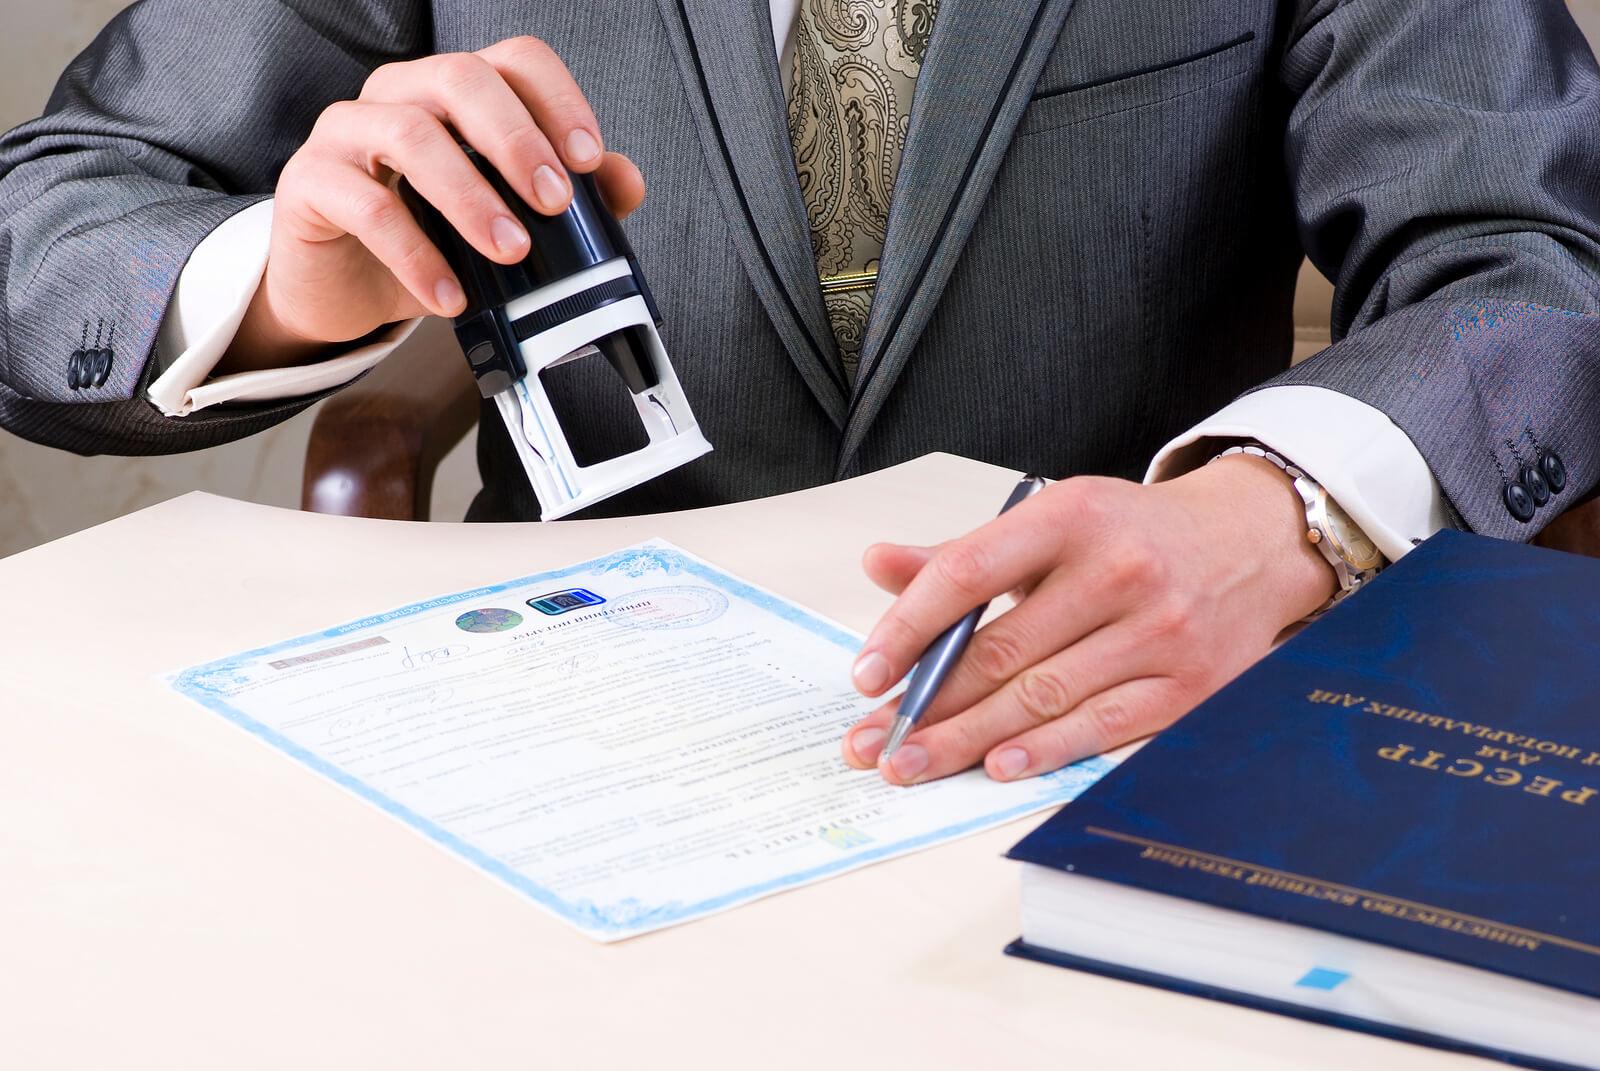 государственная регистрация сделок с недвижимостью когда началась этот